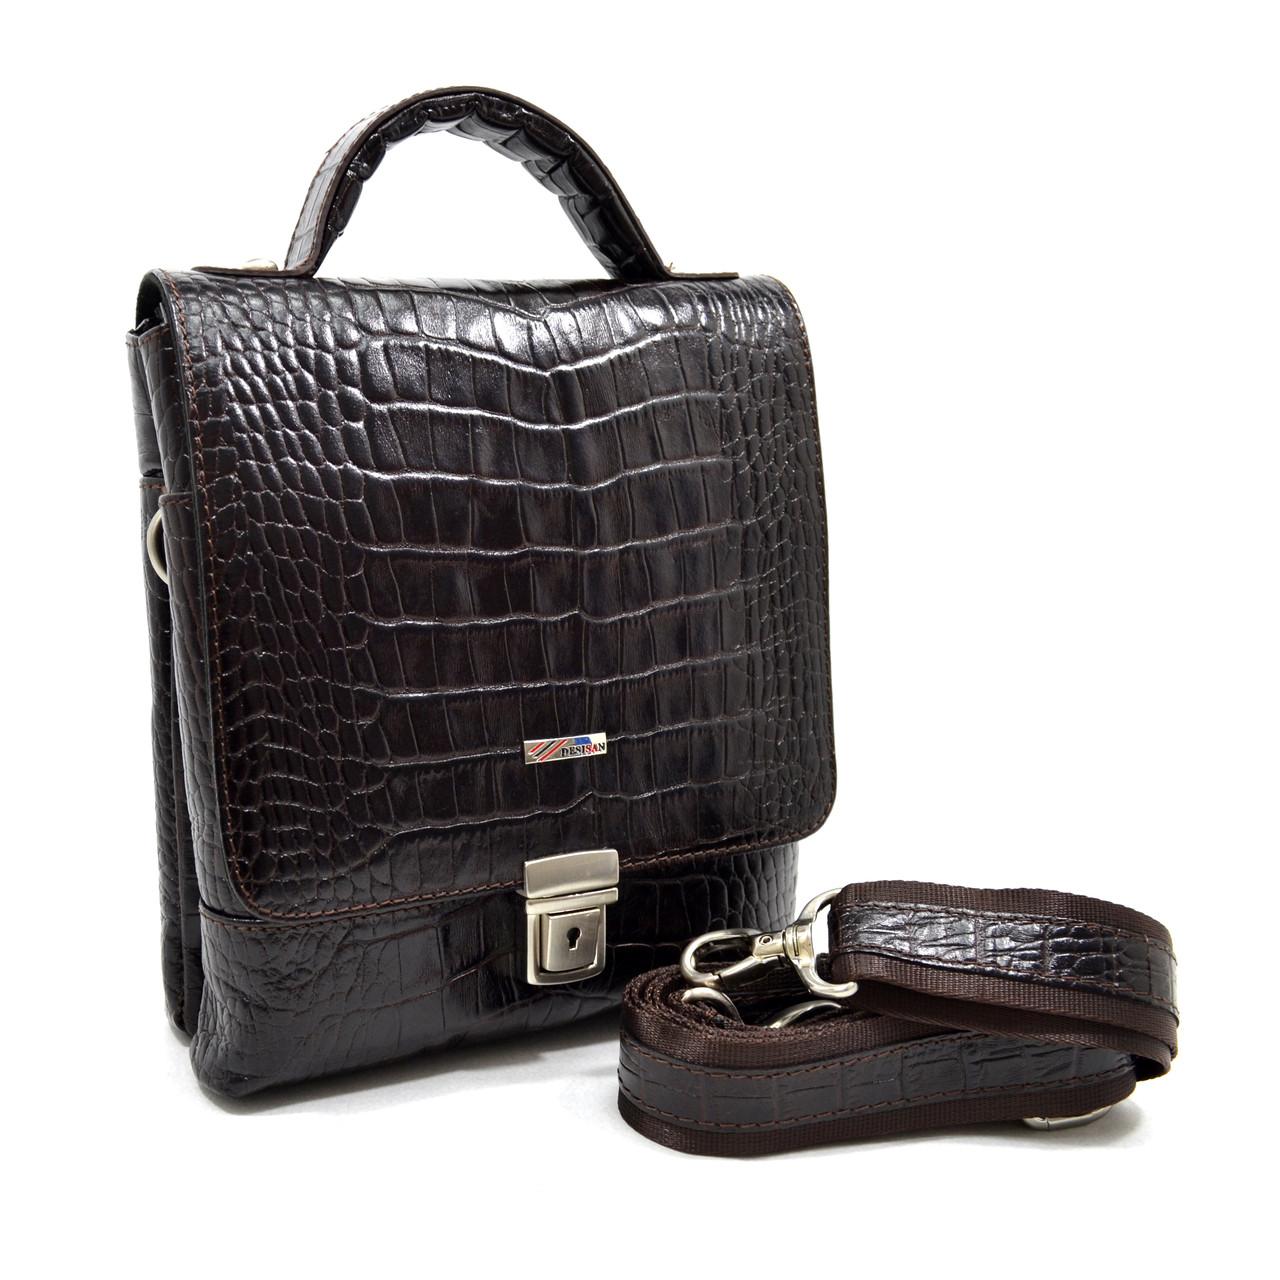 Мужская сумка-барсетка Desisan из кожи